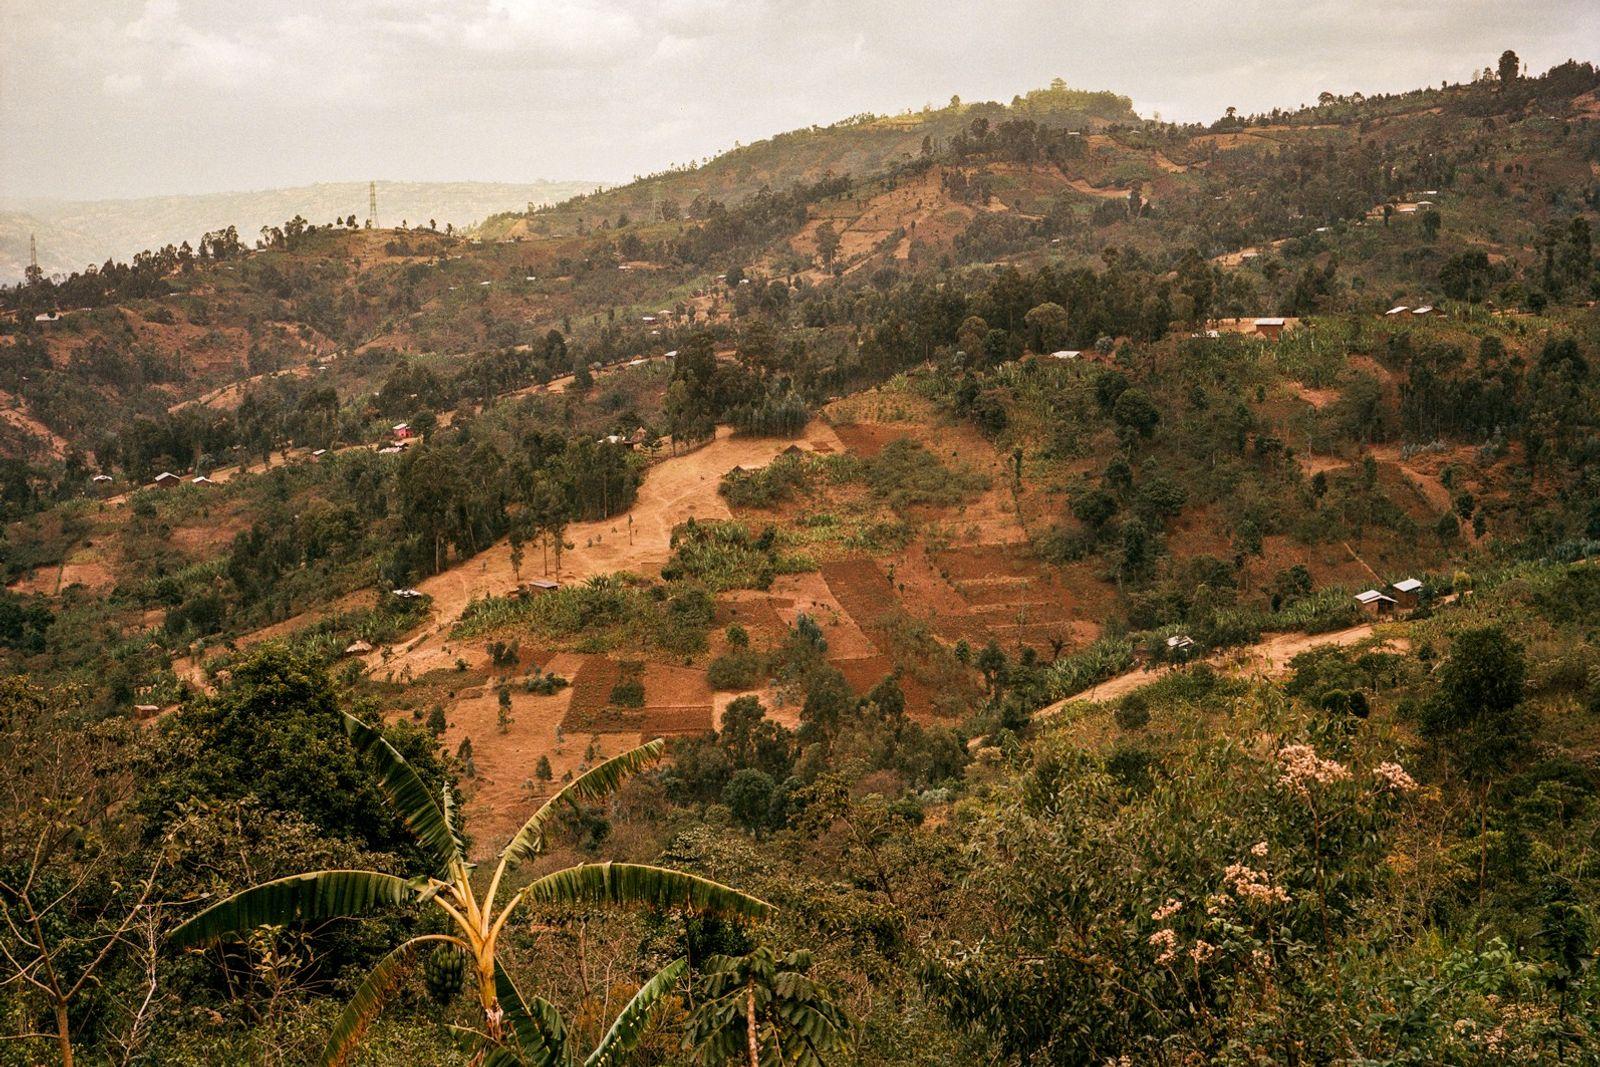 Etiopía es considerada como la cuna genética del café arábica, donde el cultivo lleva practicándose y ...